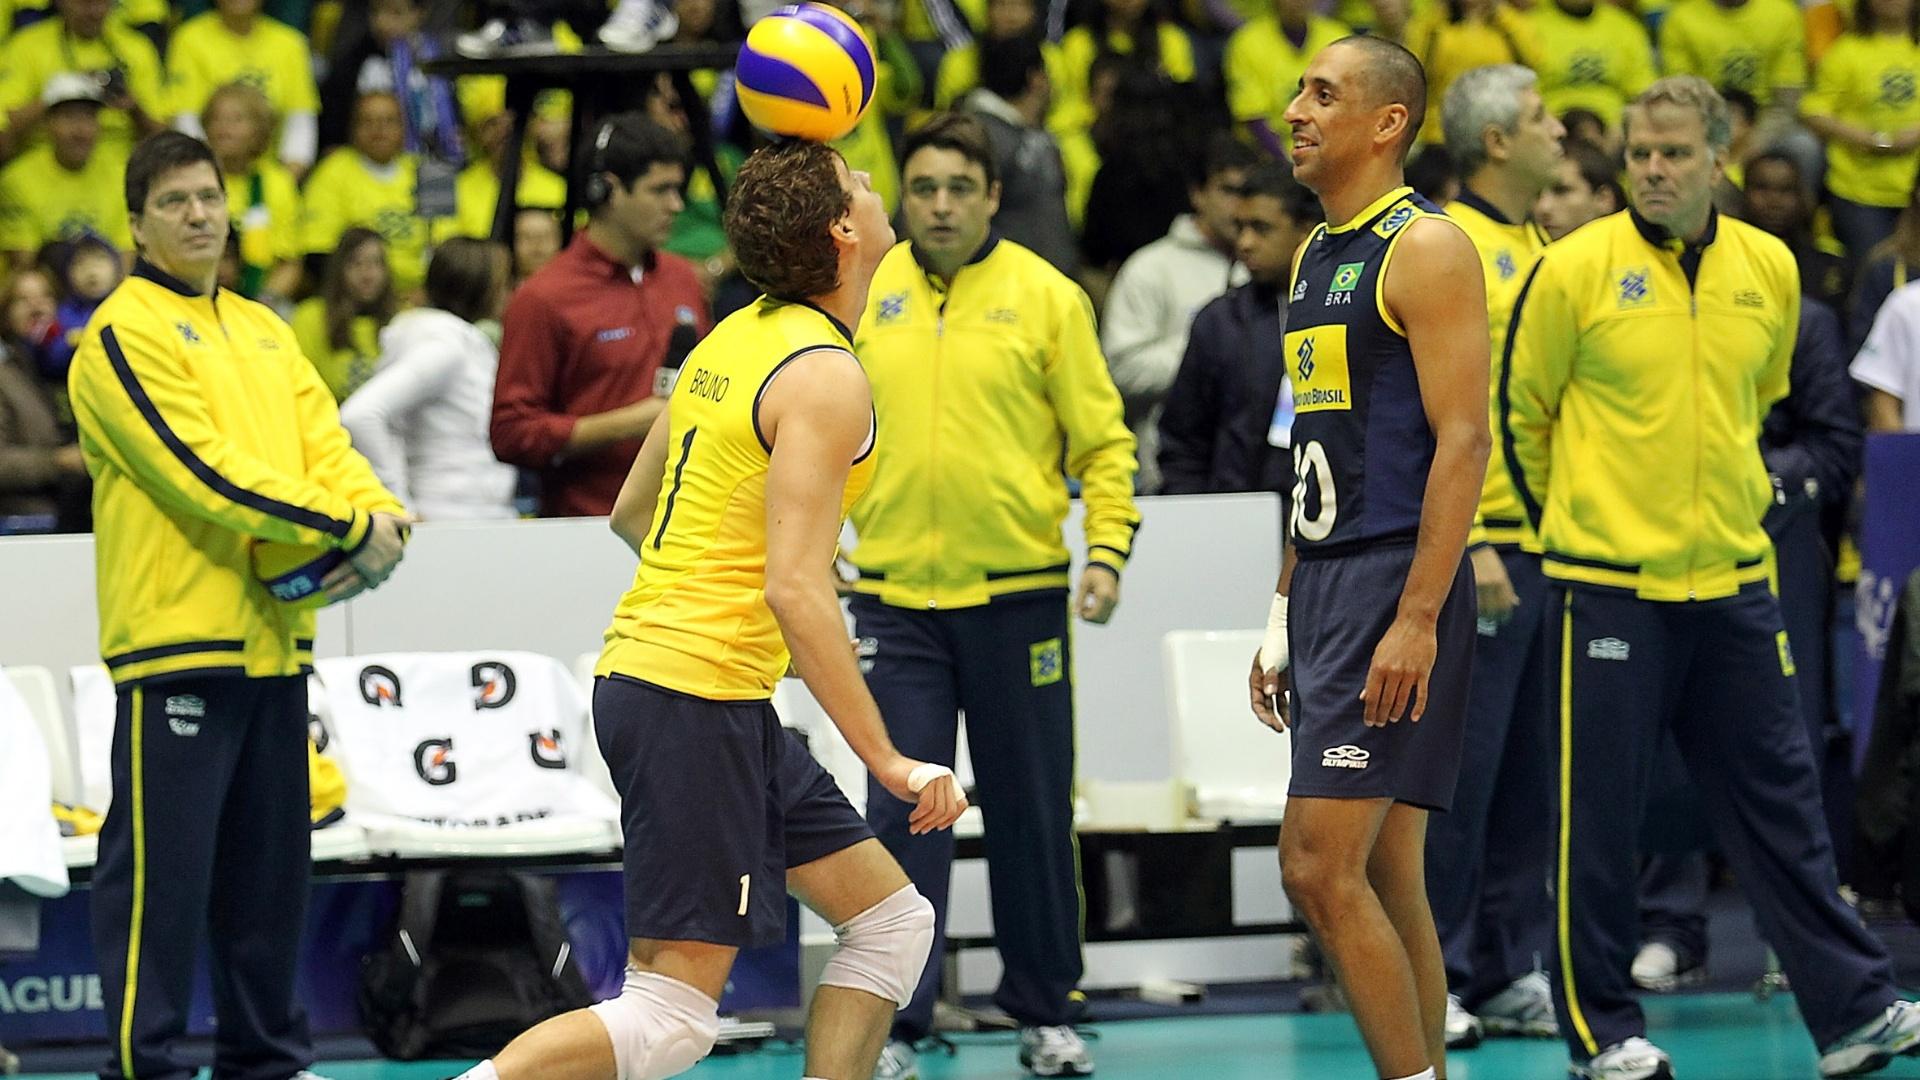 Bruninho, demonstrando equilíbrio com a bola, é observado por Serginho antes do início da partida do Brasil contra o Canadá pela Liga Mundial de Vôlei